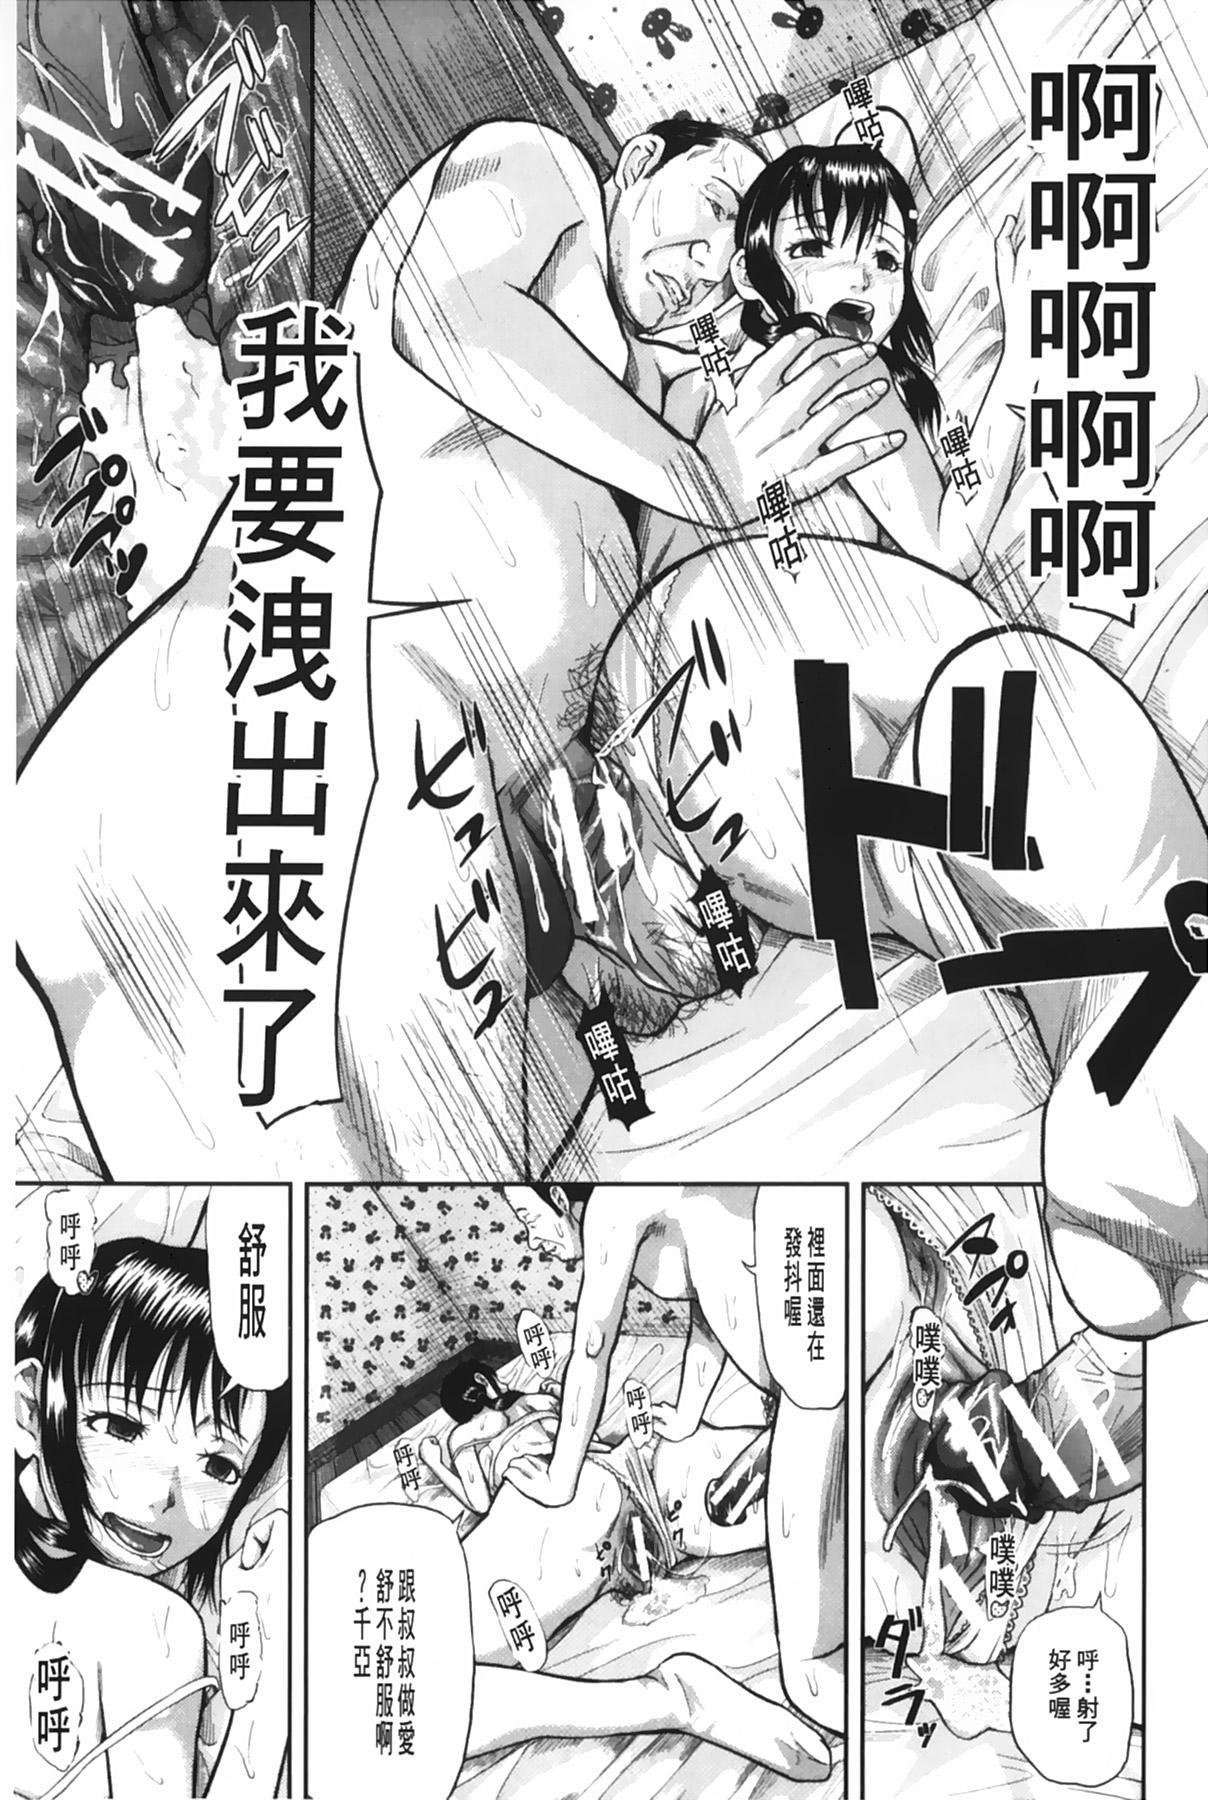 [Honebuto Danshaku] Onna Jigoku Niku no Tsubo~Hentai Rui Inran Ka Mesu Buta Ichidaiki~ | 女地獄、肉之壺 ~変態類淫乱科淫母豬一代記~ [Chinese] 45